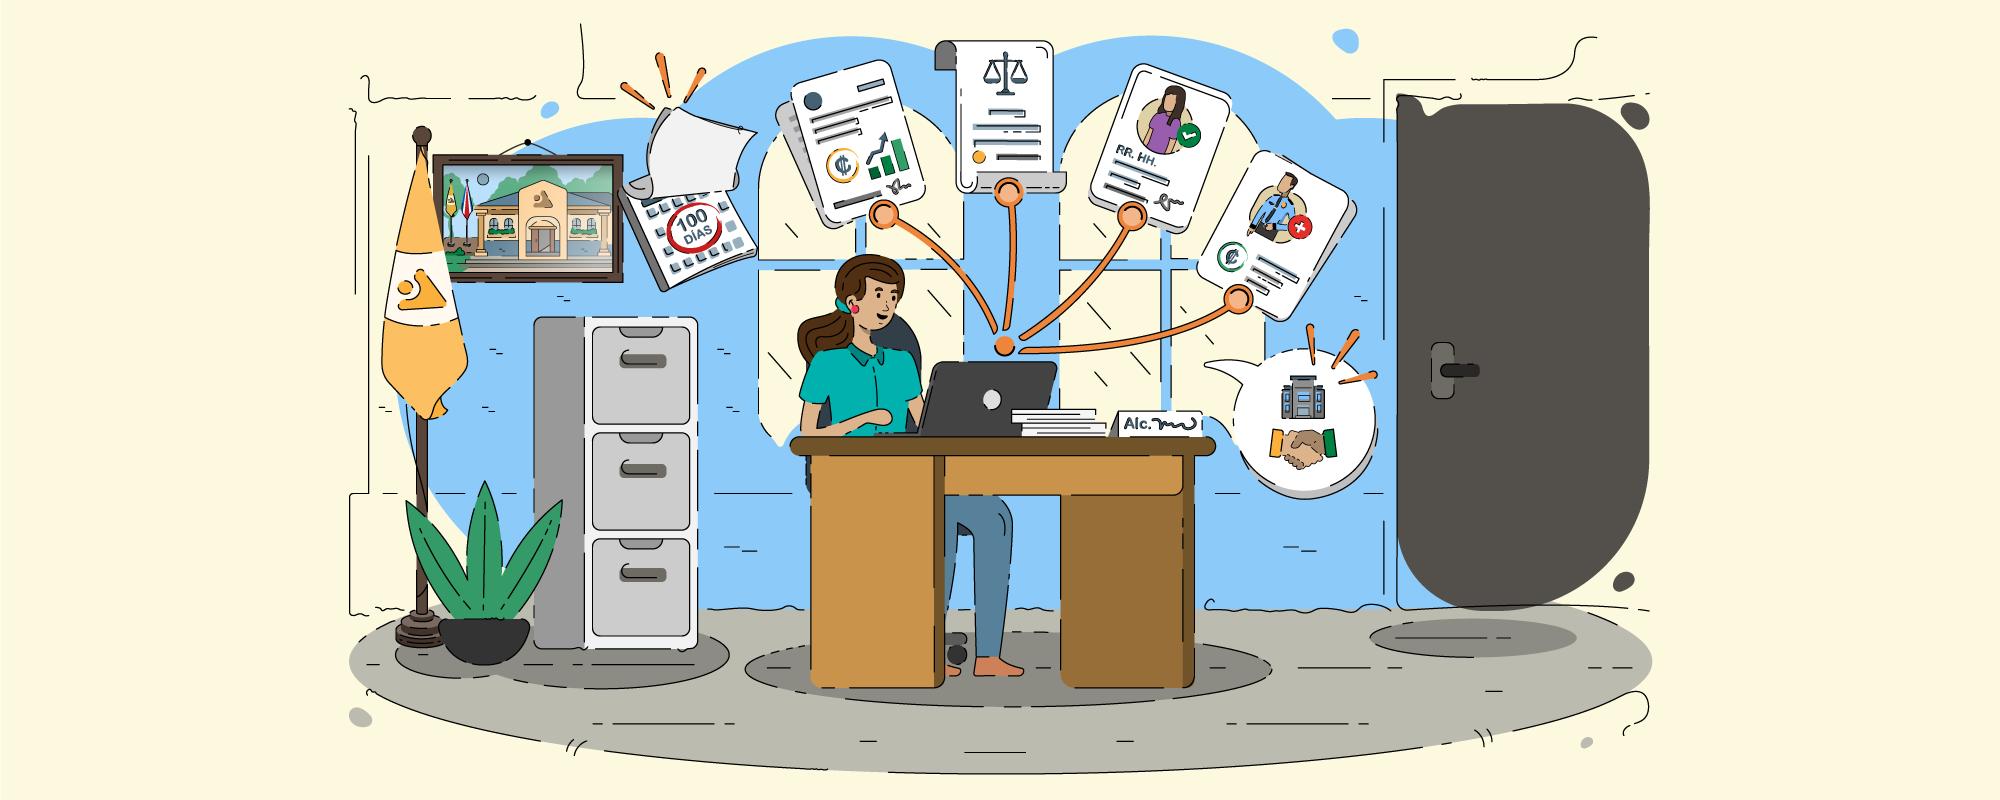 Dibujo de una mujer sentada en un escritorio y trabajando en una computadora.